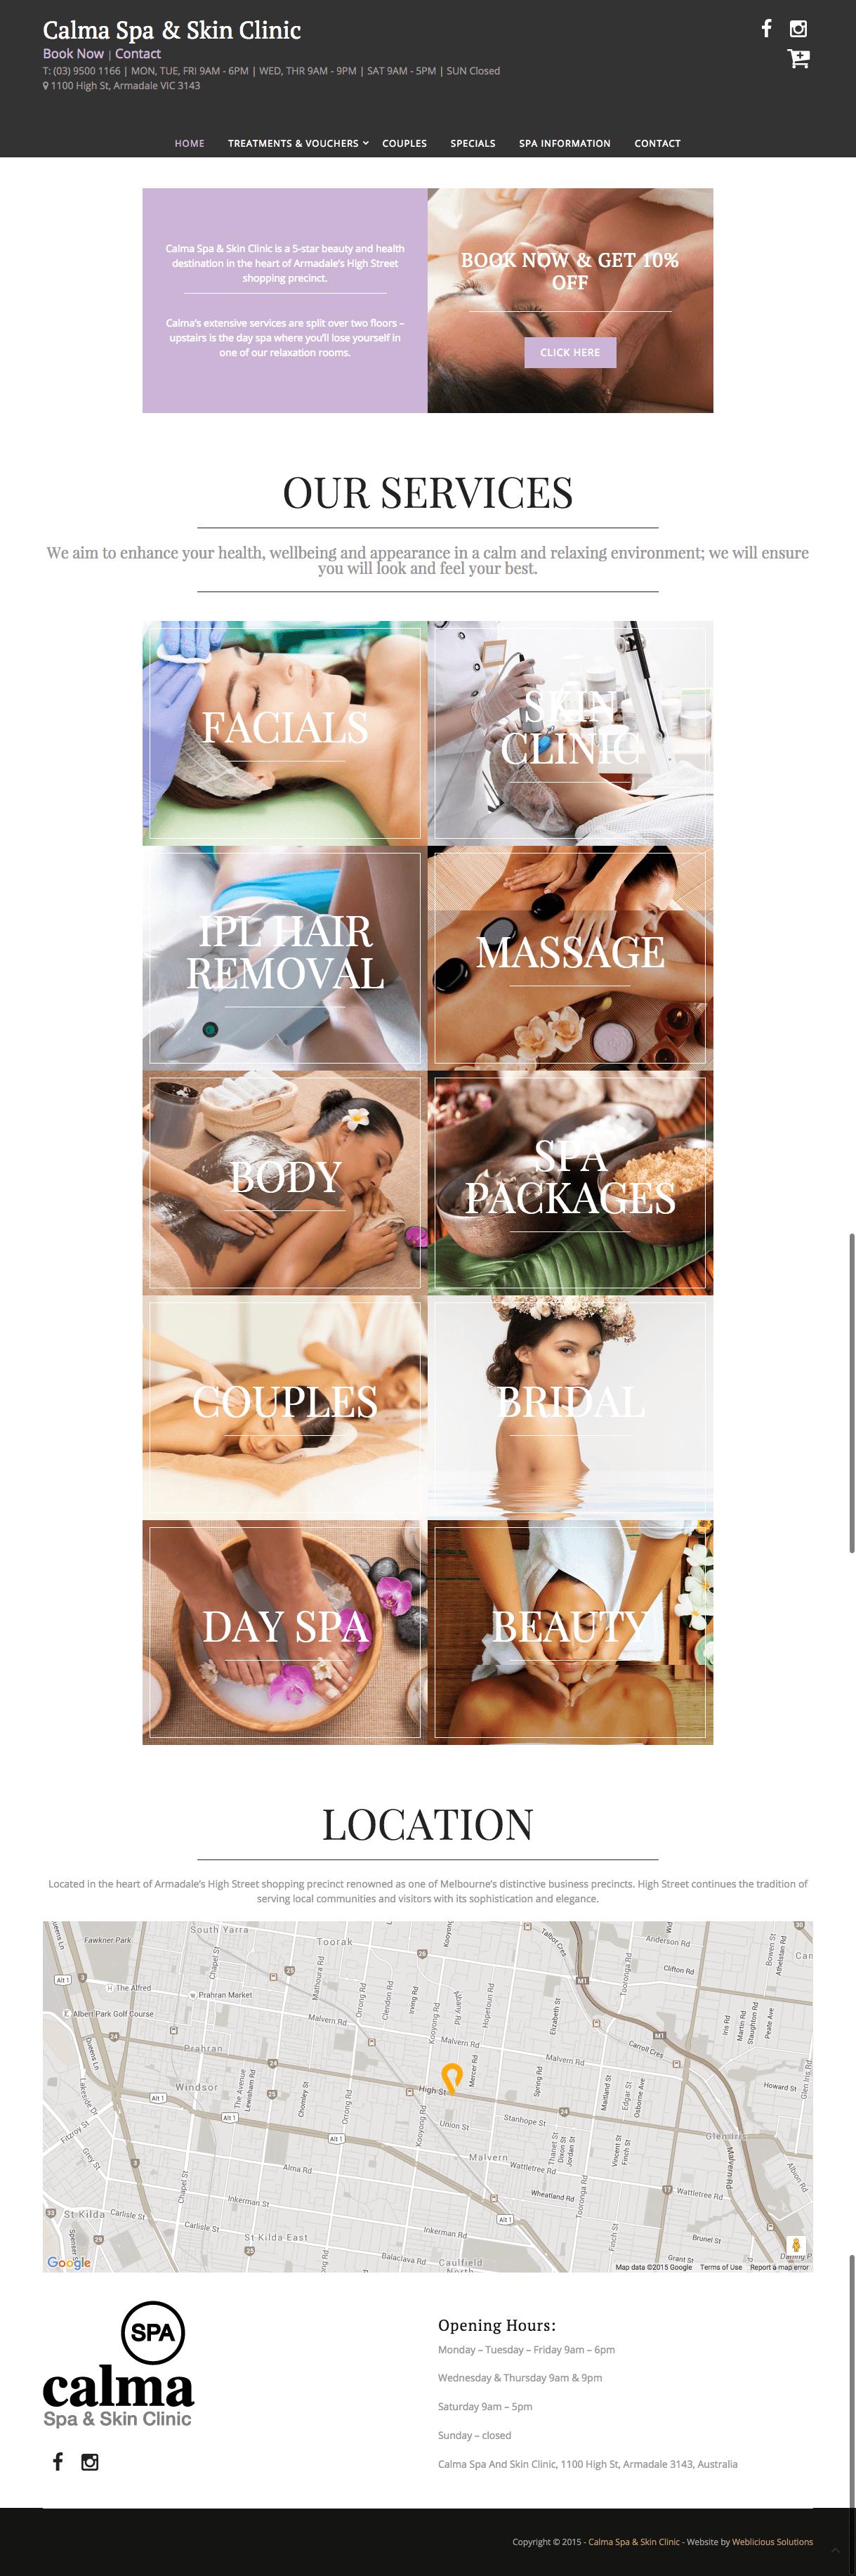 Calma Spa & Skin Clinic-min